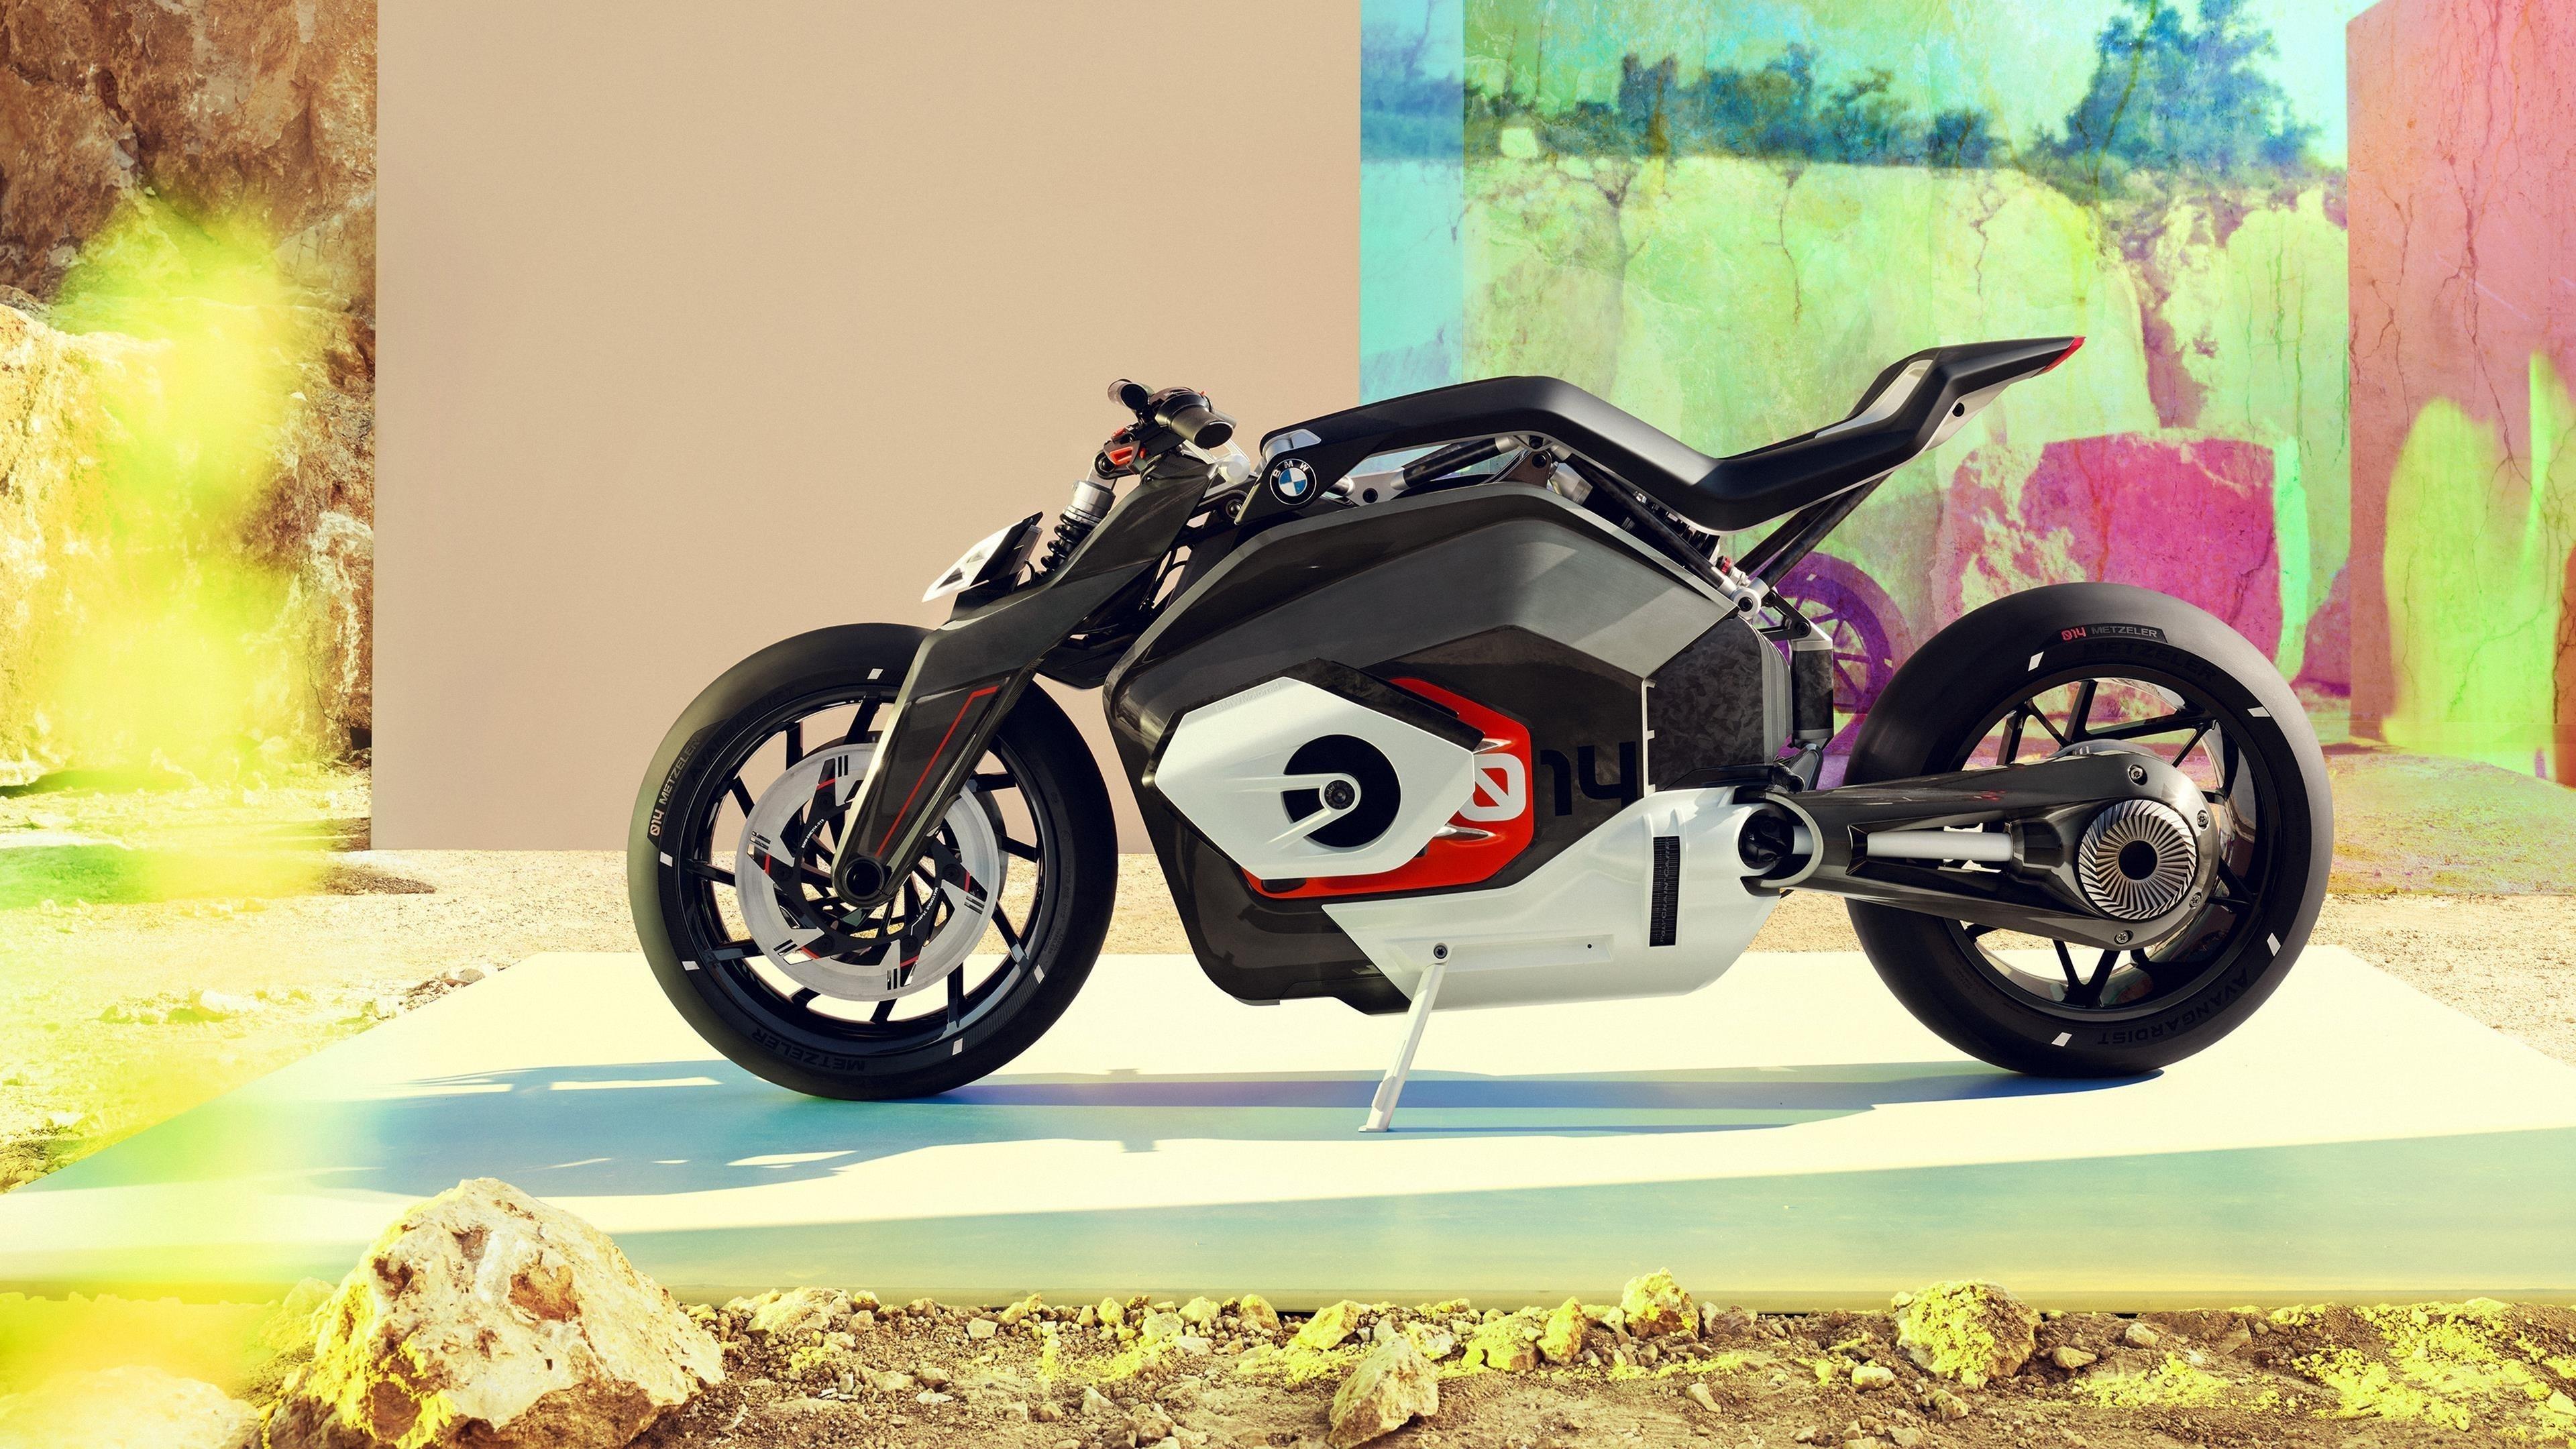 BMW motorrad vision dc родстер 2019 обои скачать